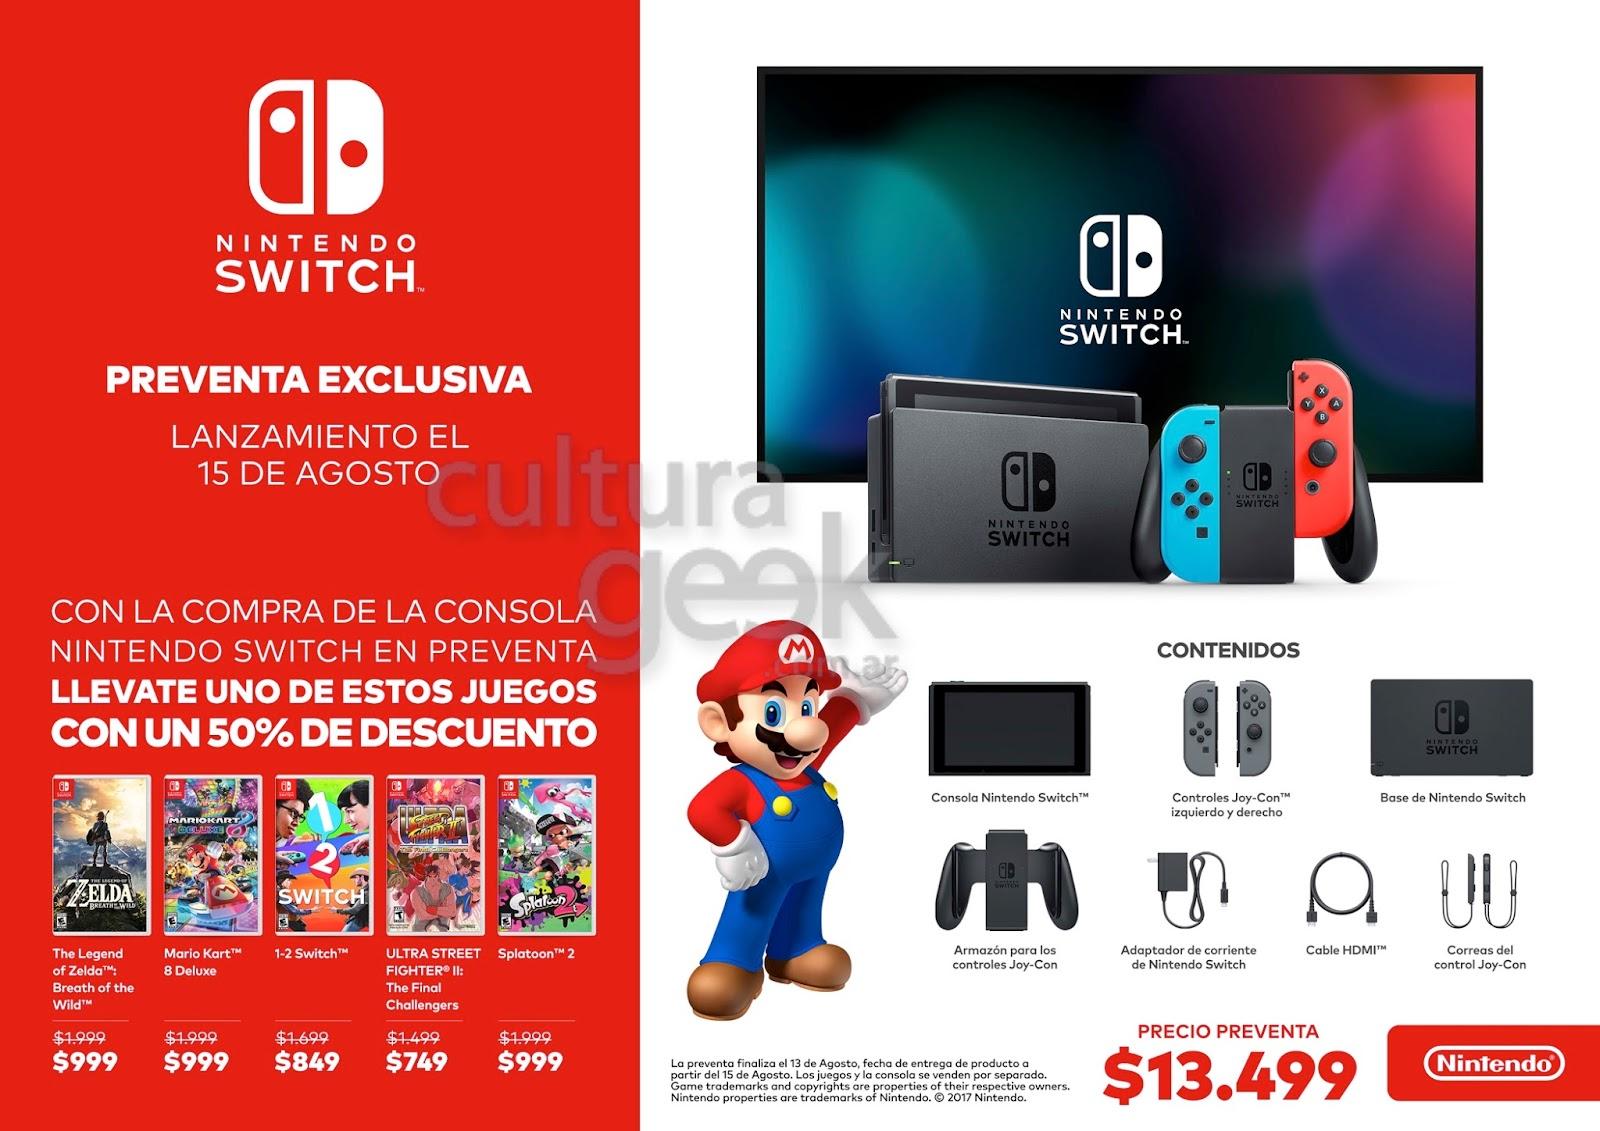 Nintendo Switch aproxima-se da marca de 5 milhões de unidades vendidas